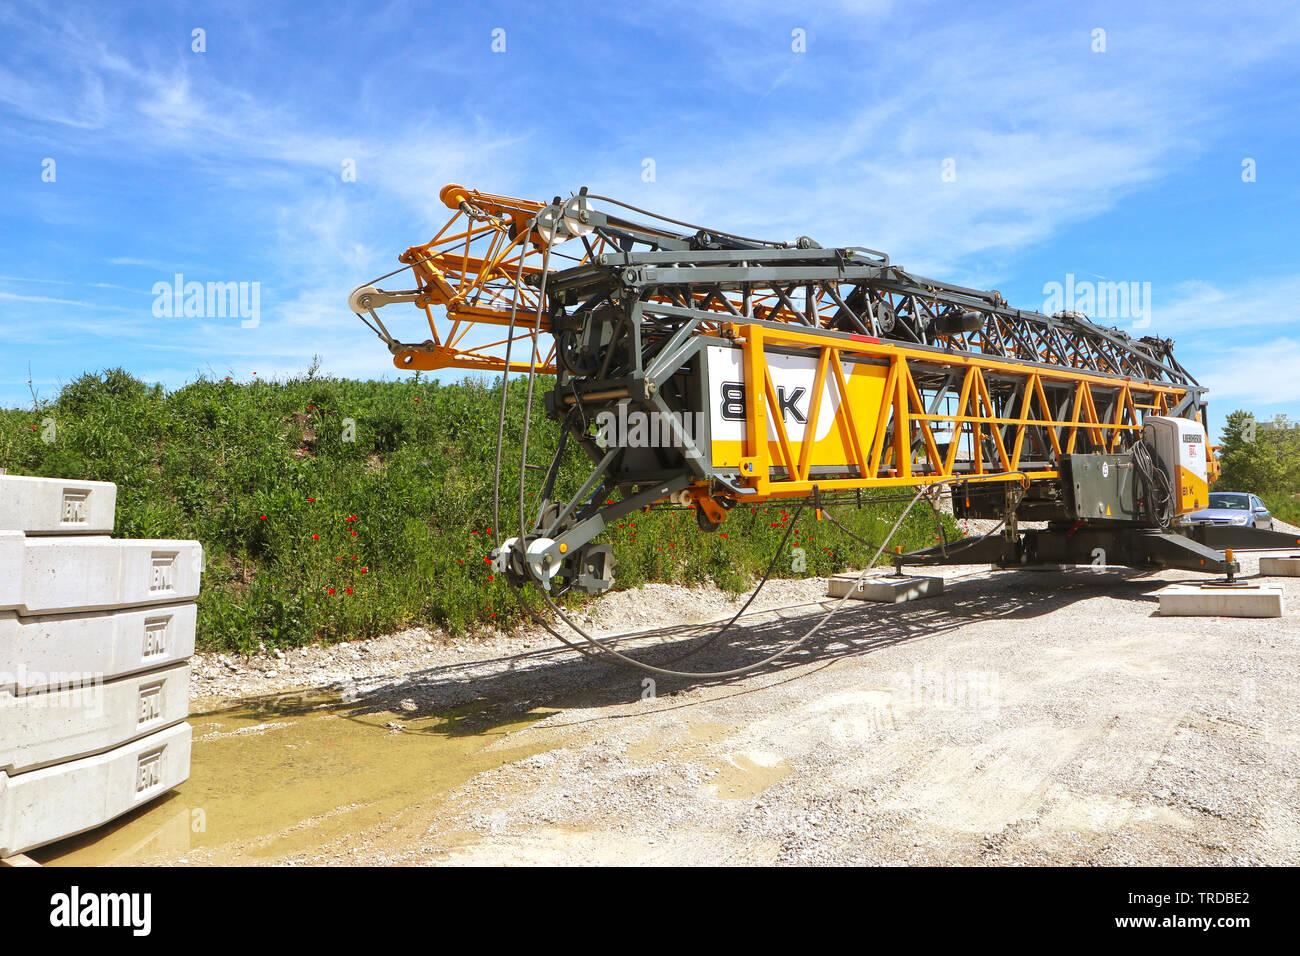 GARCHING, ALLEMAGNE - 2 juin 2019 une grue sur camion pour l'industrie de la construction stationné près d'un chantier de construction Banque D'Images